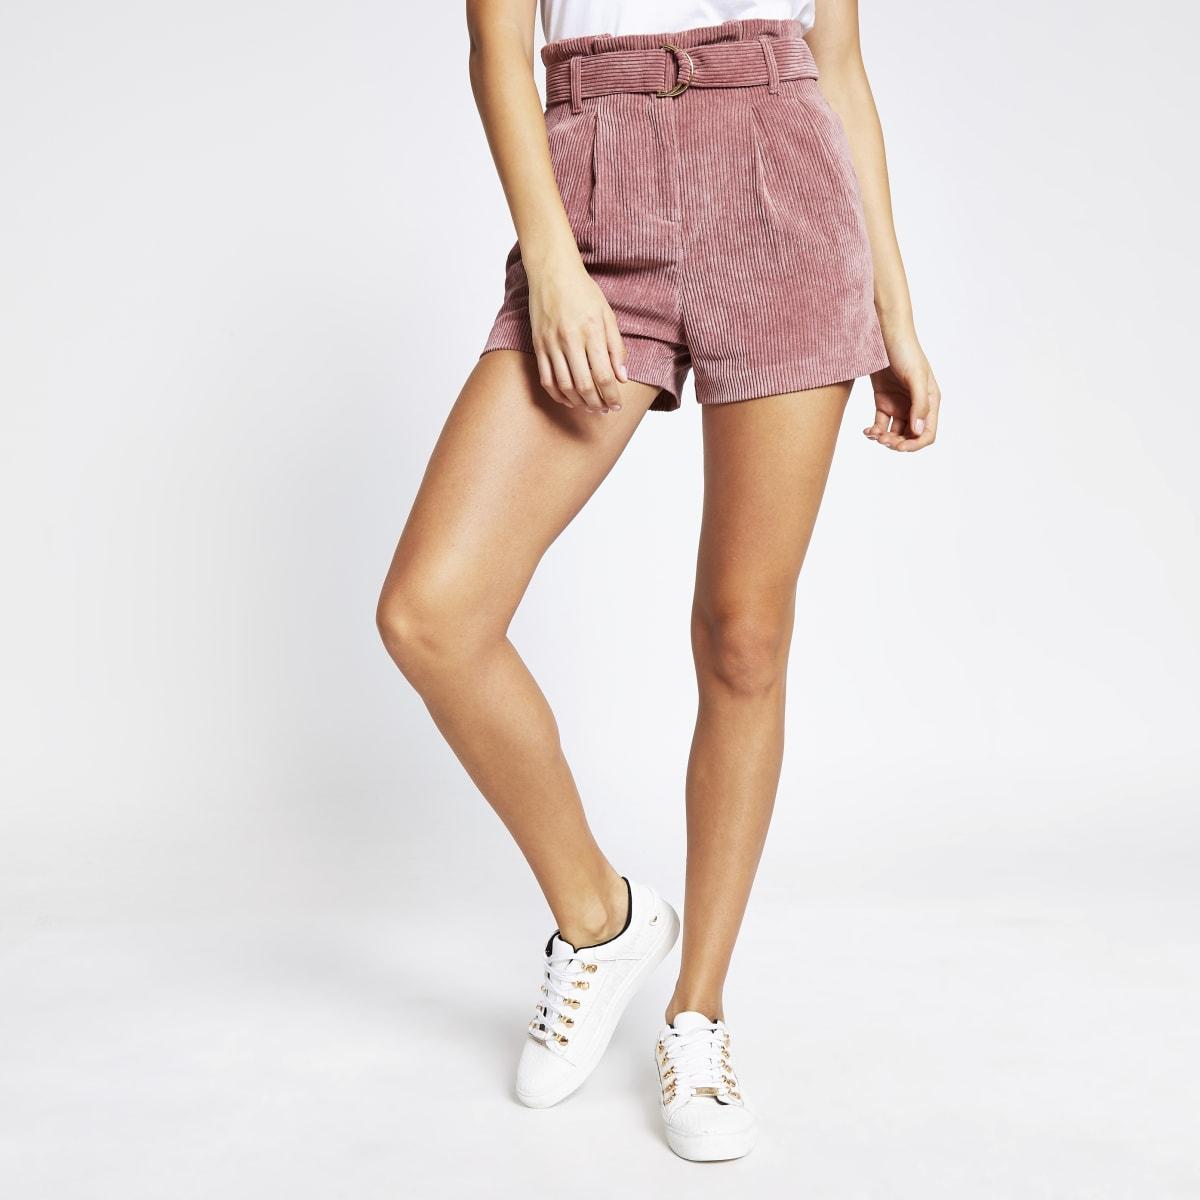 Shorts en velours côtelérose à taille haute ceinturée